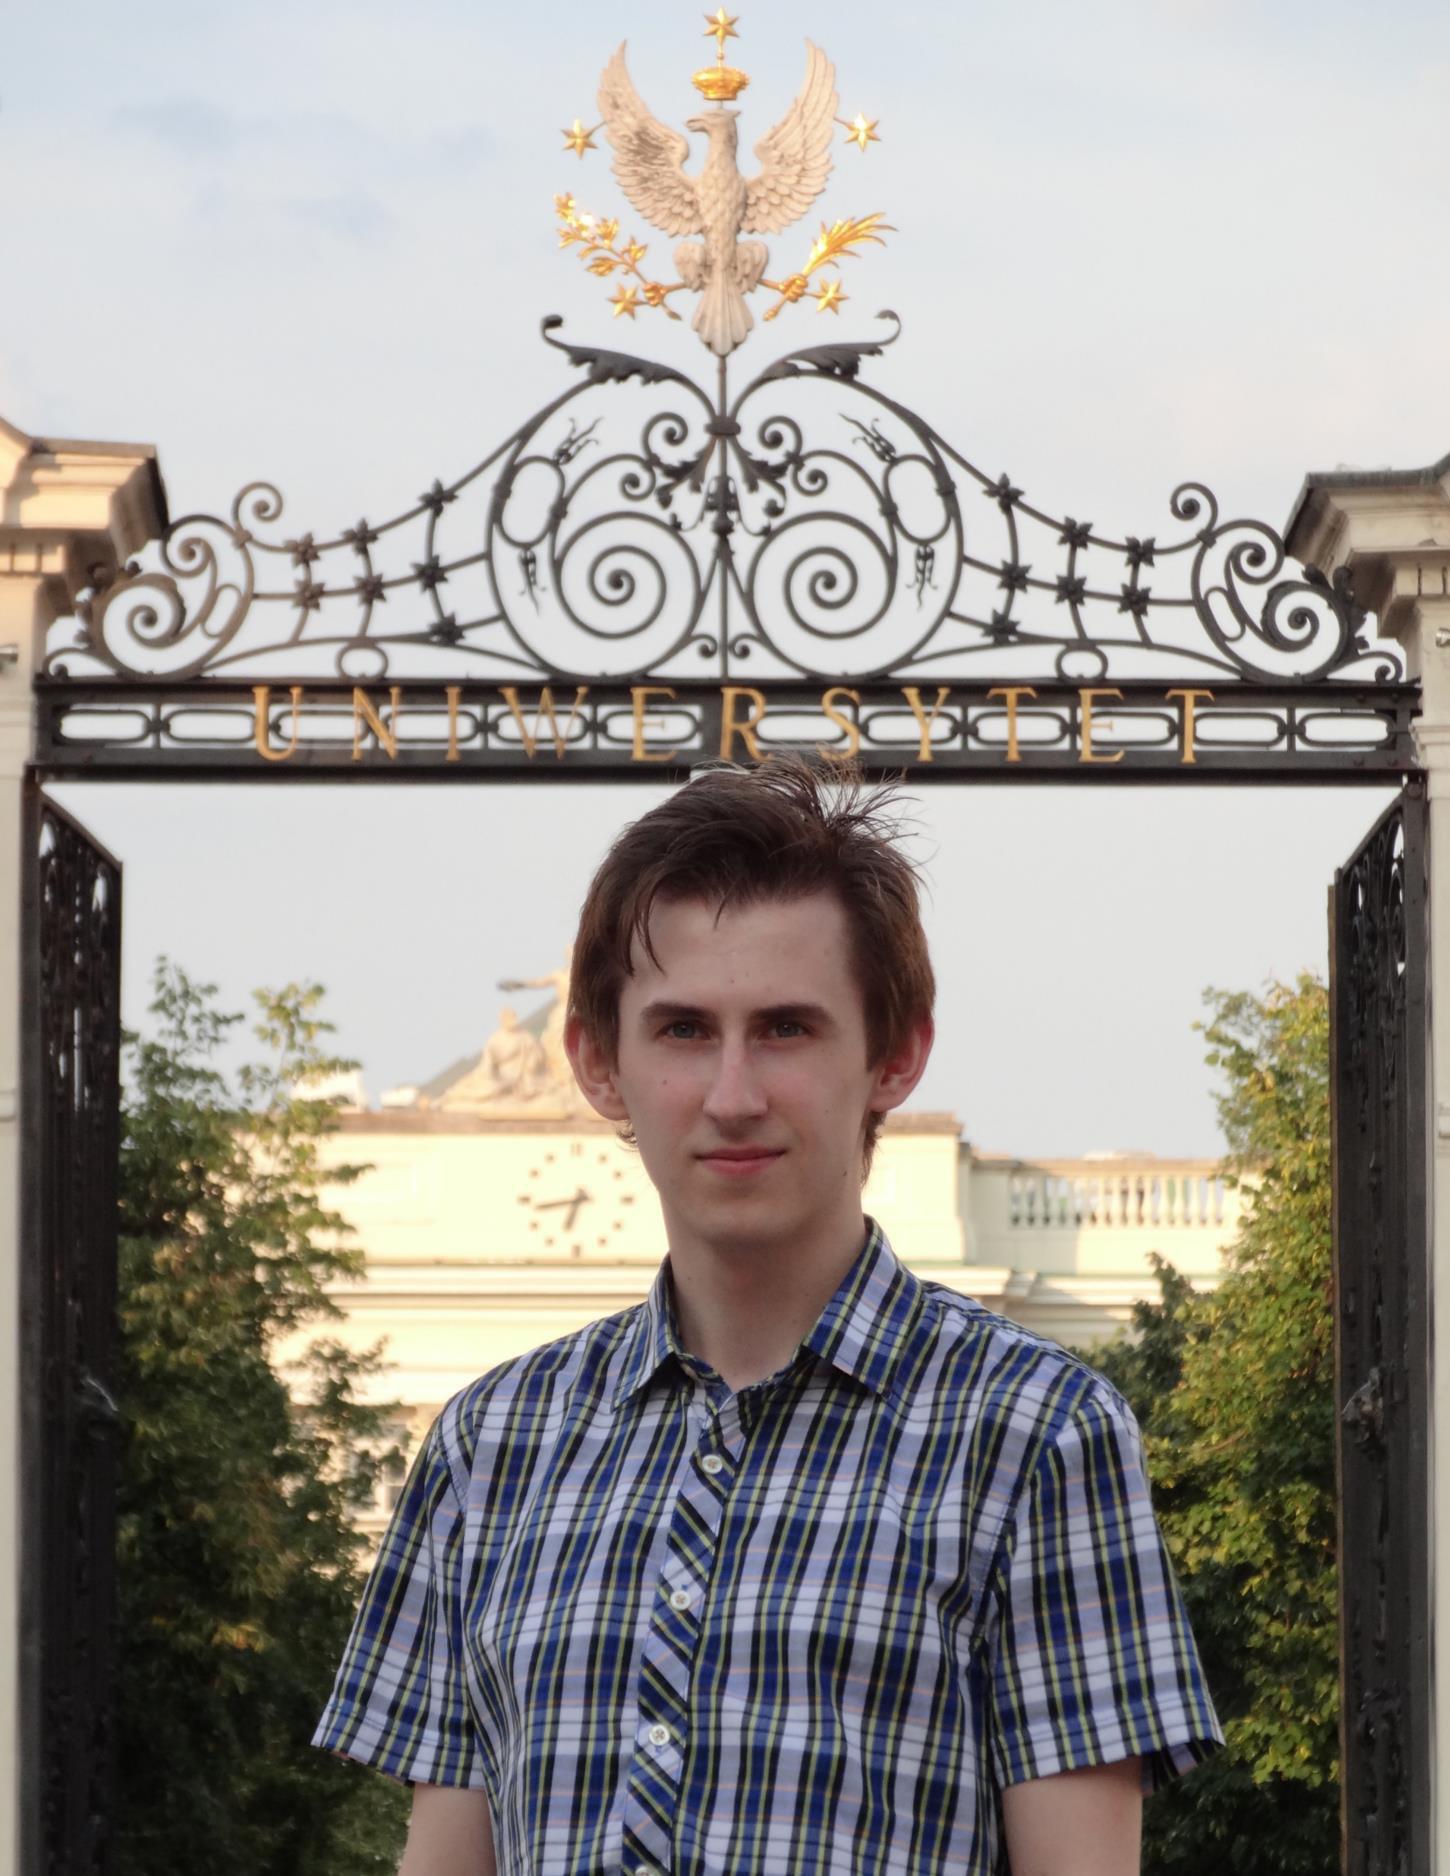 Krzysztof Chabuda